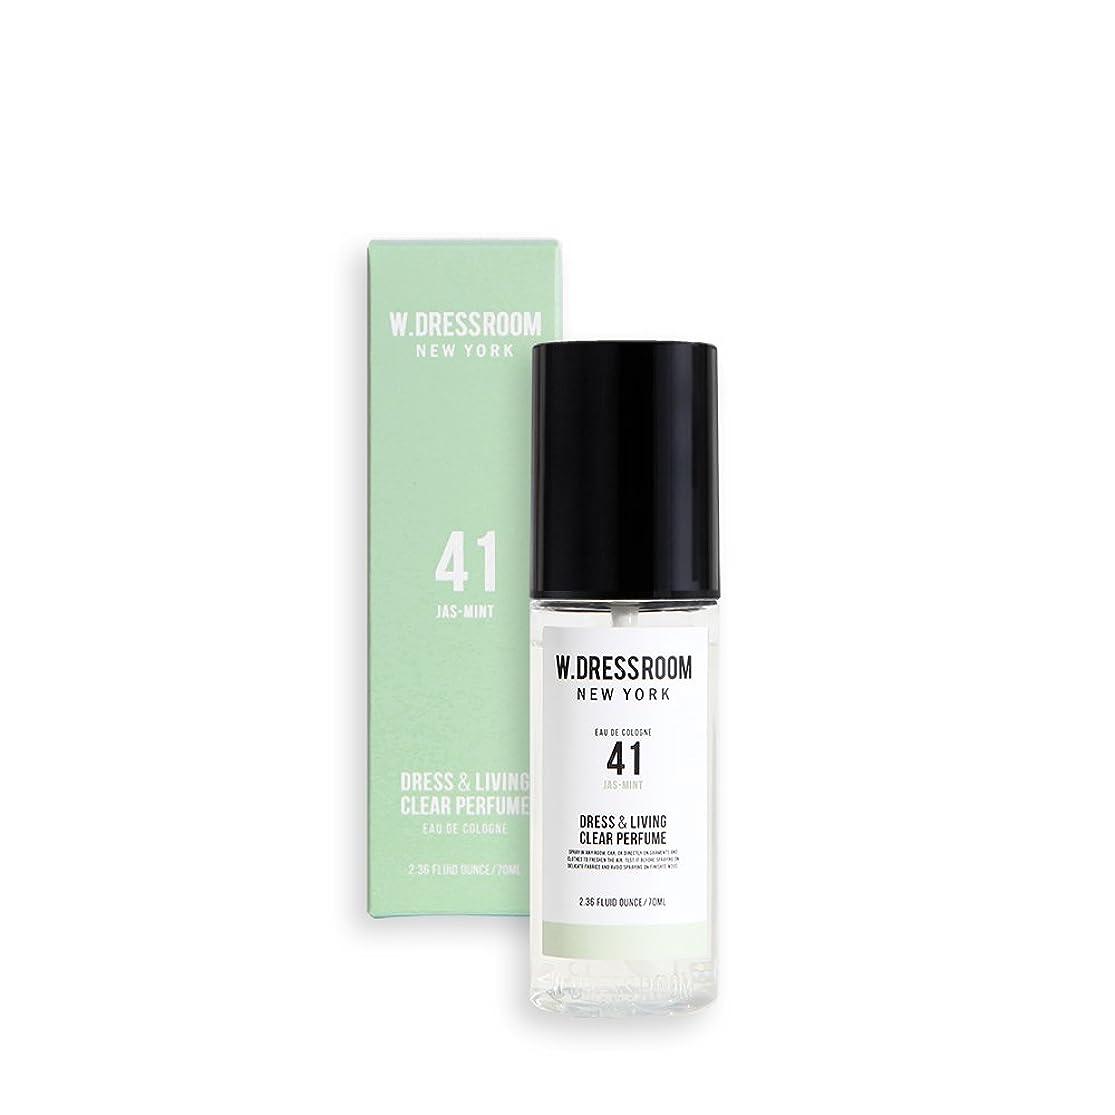 正義繁殖ダンスW.DRESSROOM Dress & Living Clear Perfume 70ml/ダブルドレスルーム ドレス&リビング クリア パフューム 70ml (#No.41 Jas-Mint) [並行輸入品]